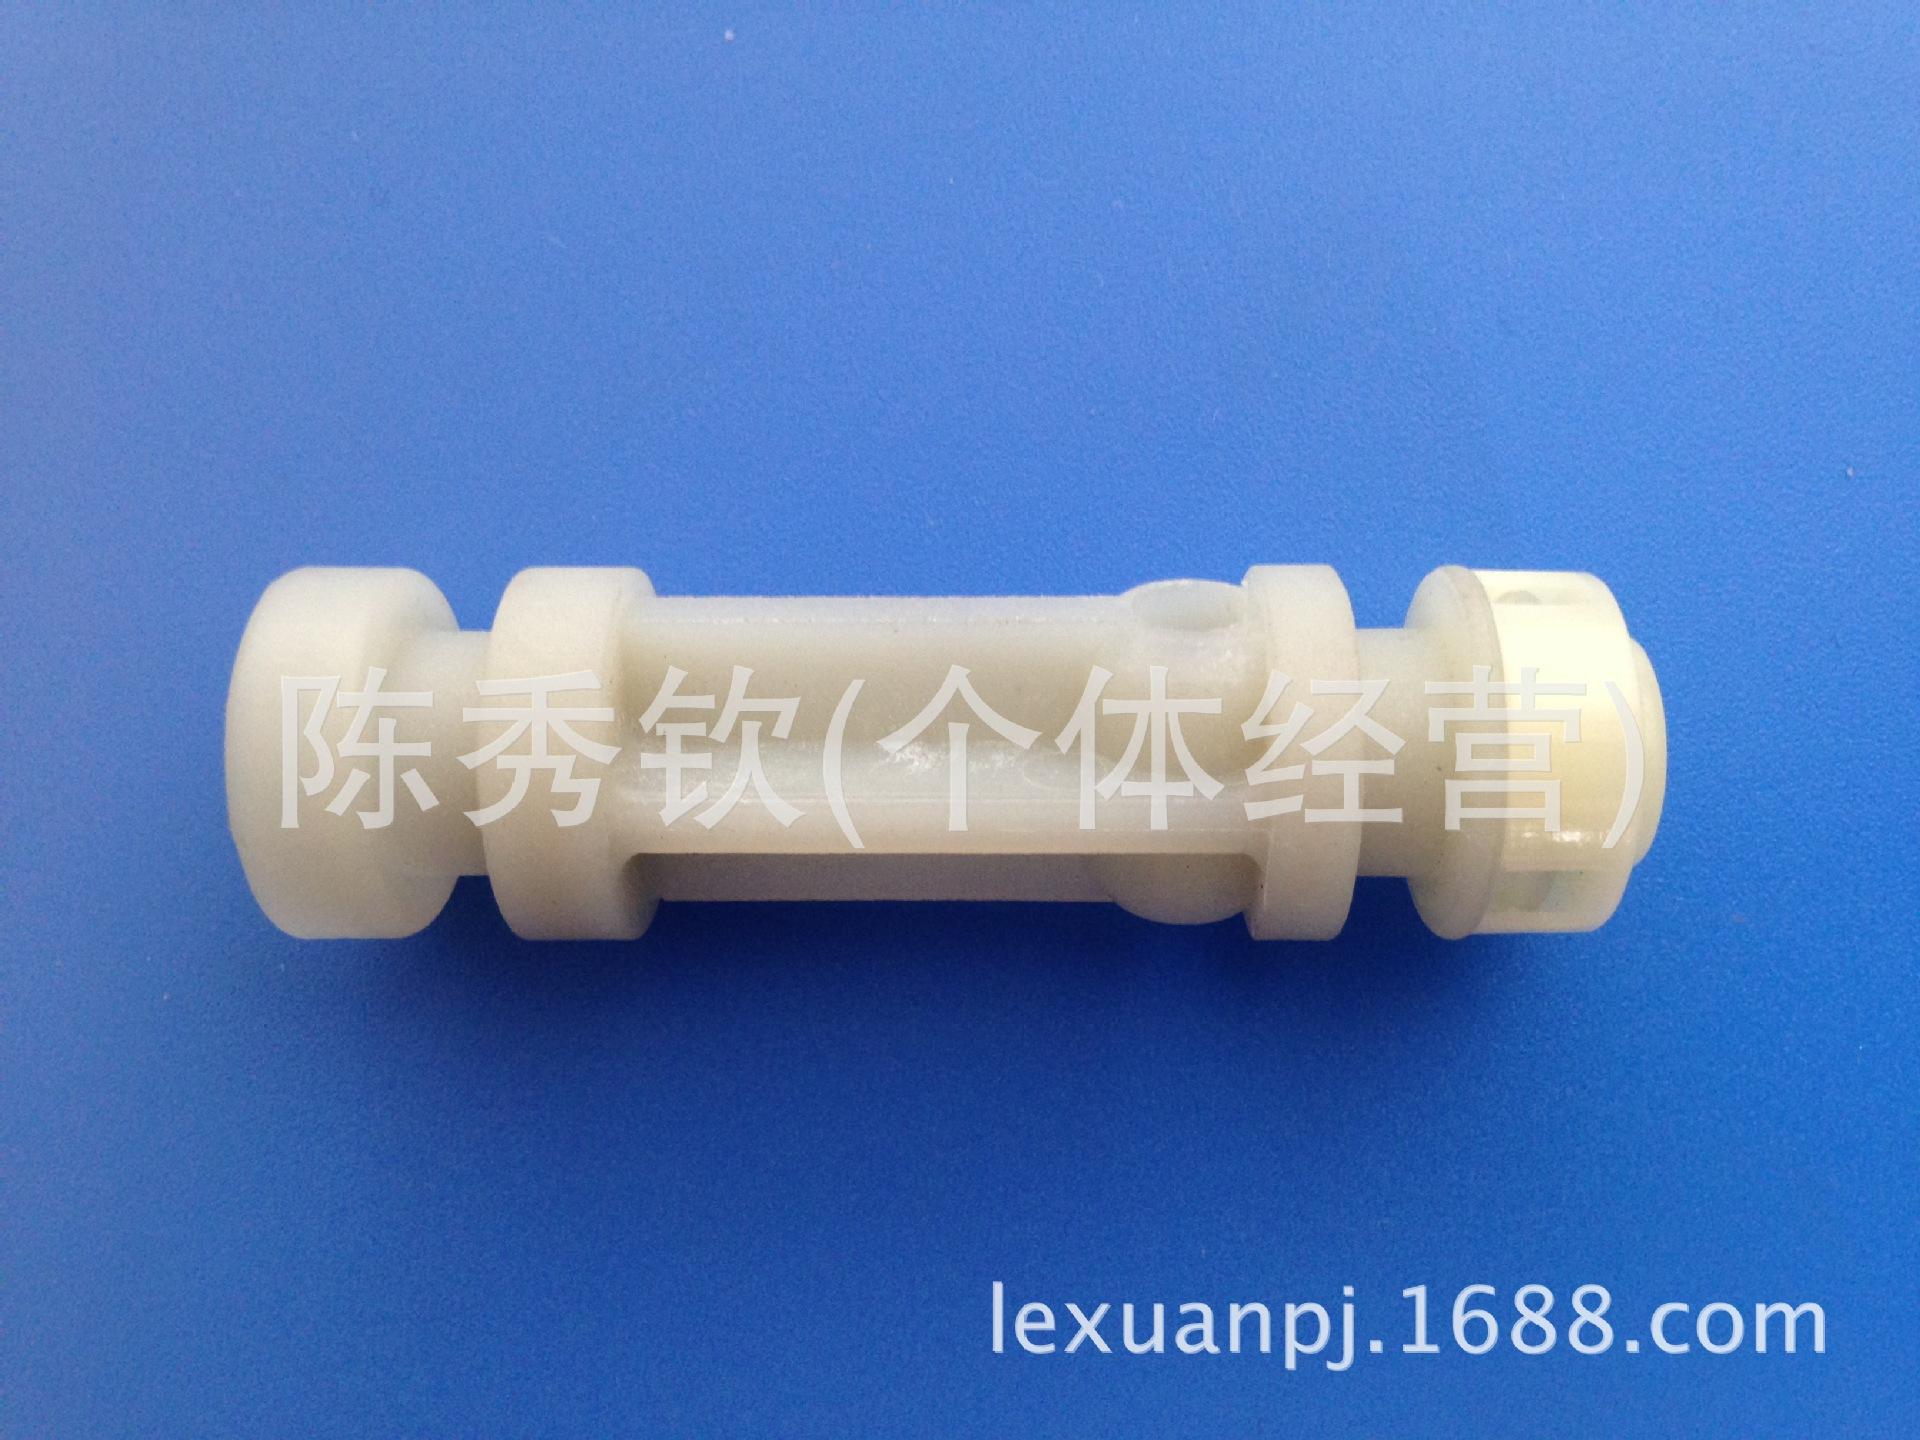 汽车制动泵配件塑料活塞LX HS010 -价格,厂家,图片,制动泵,陈秀高清图片